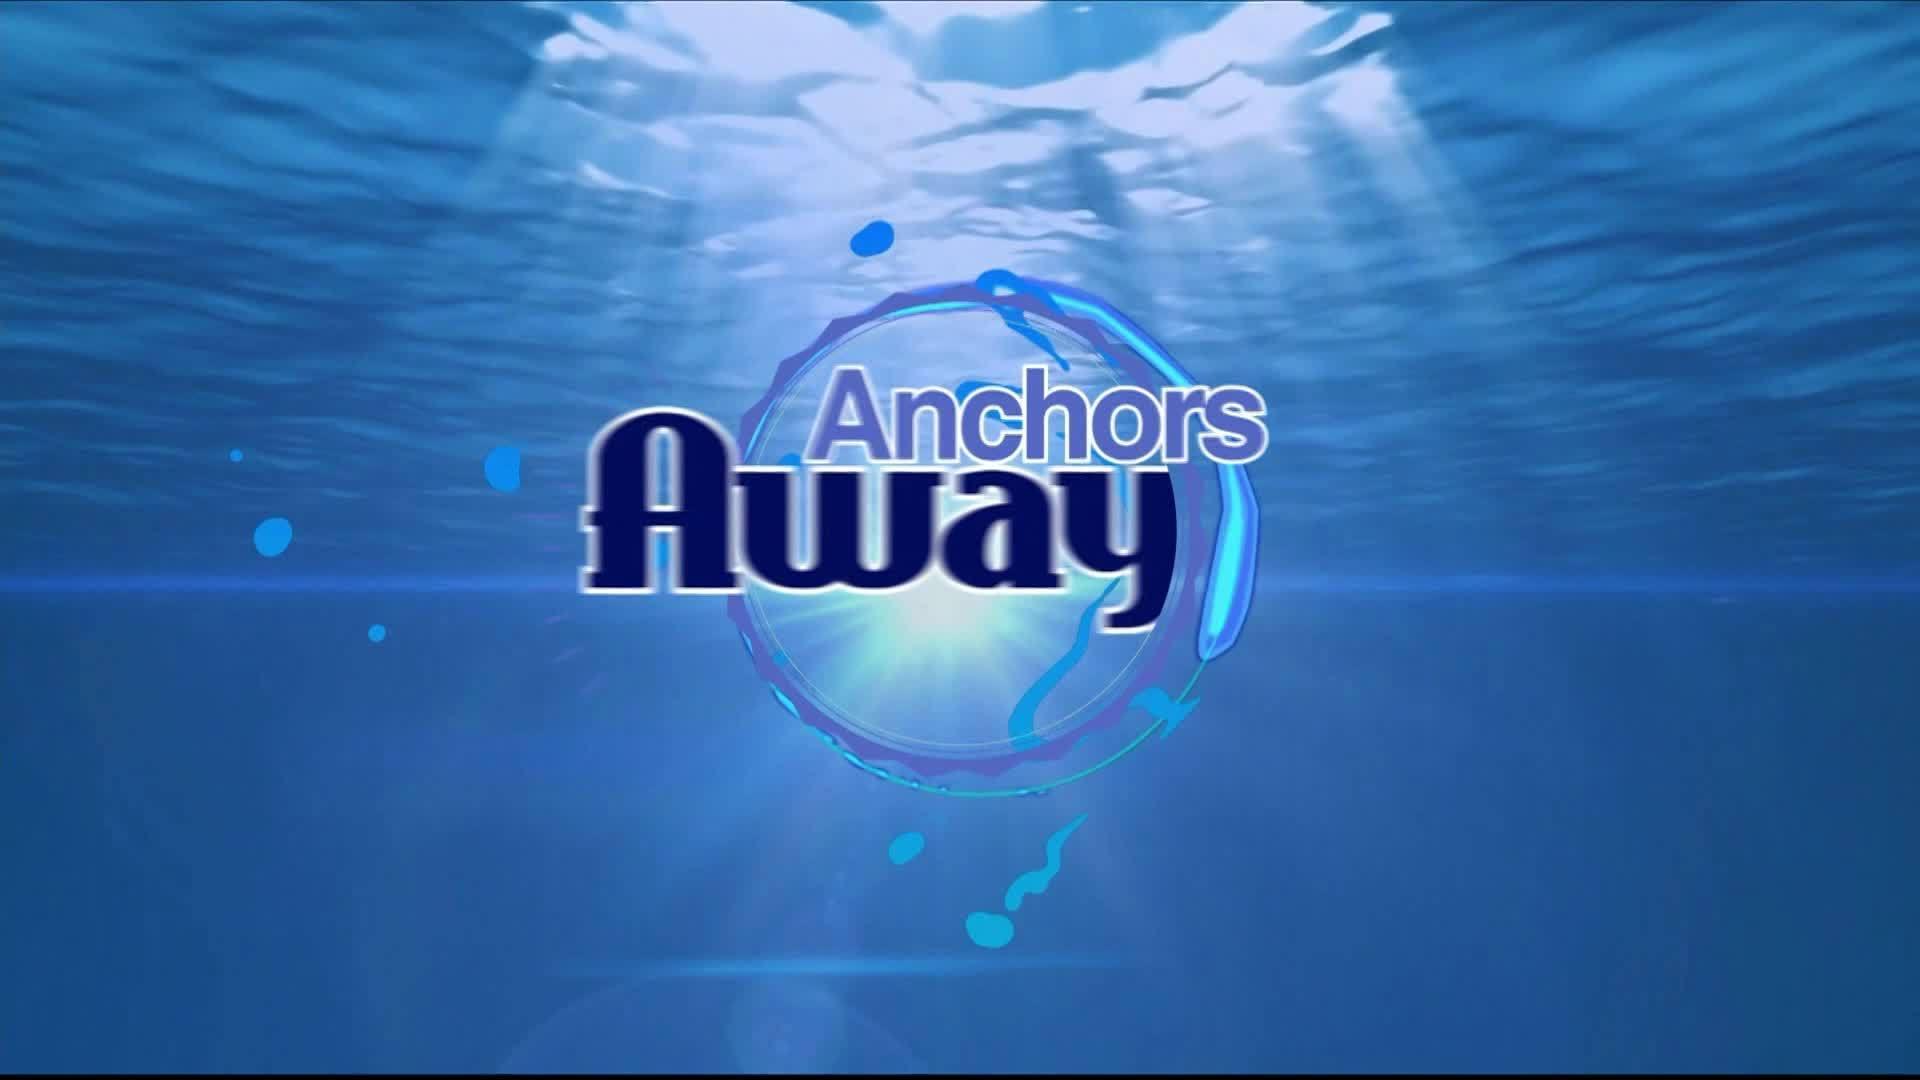 Anchors_Away_2_20_19_2_20190221032254